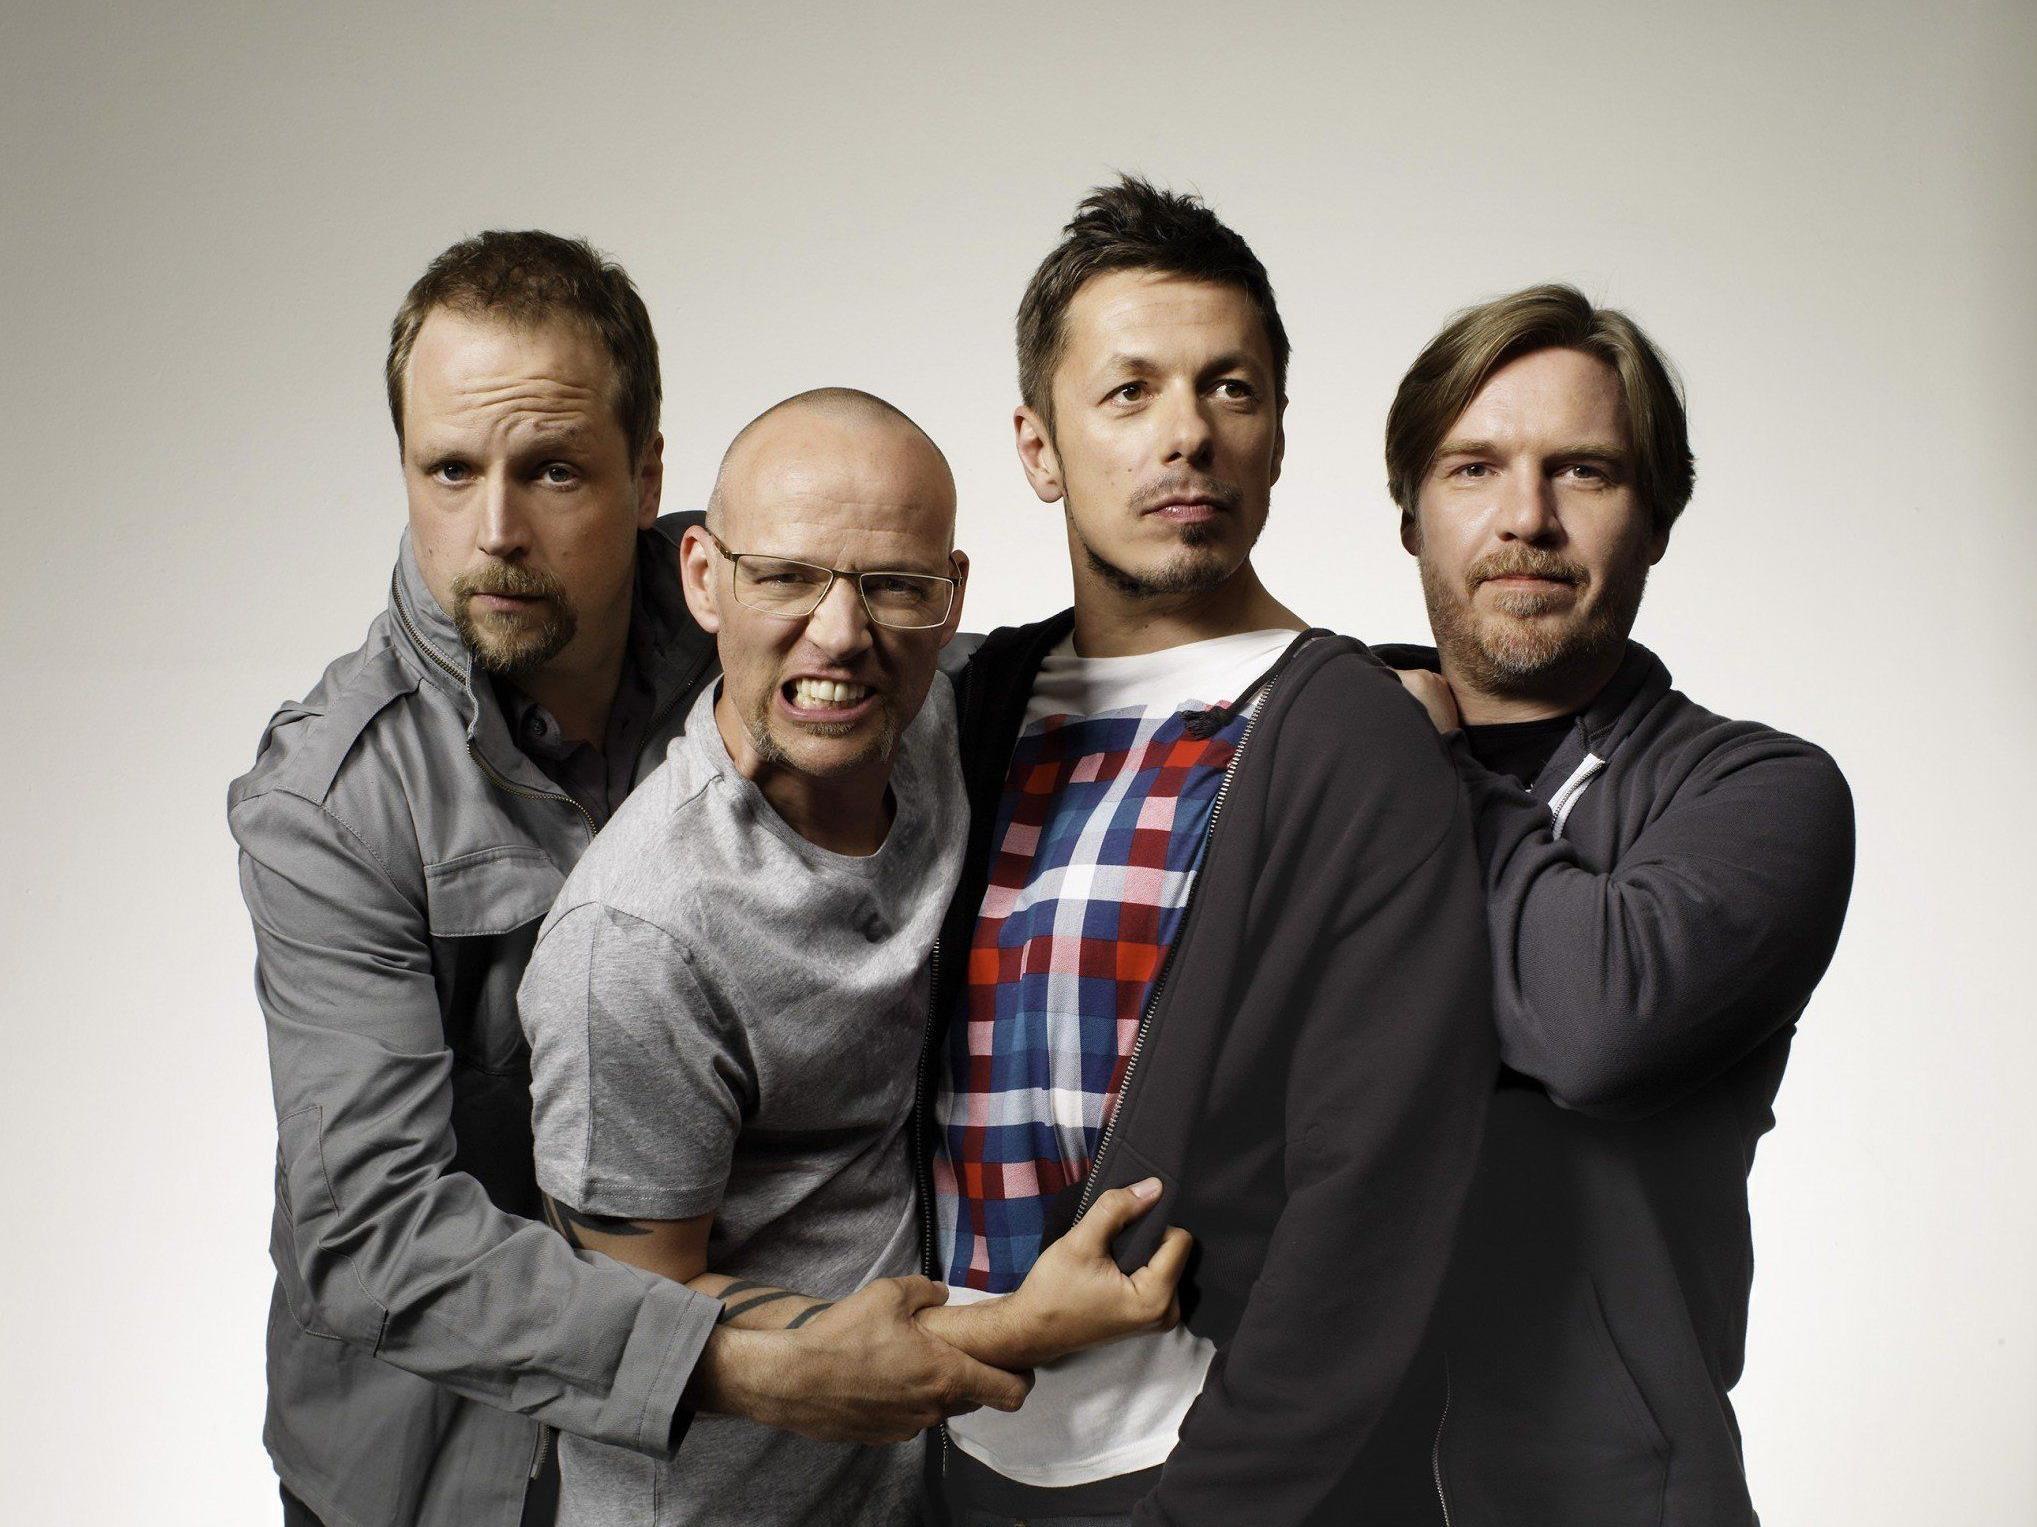 Zum Welcup Montafon: Am 6. Dezember treten 'Die Fantastischen Vier' auf.